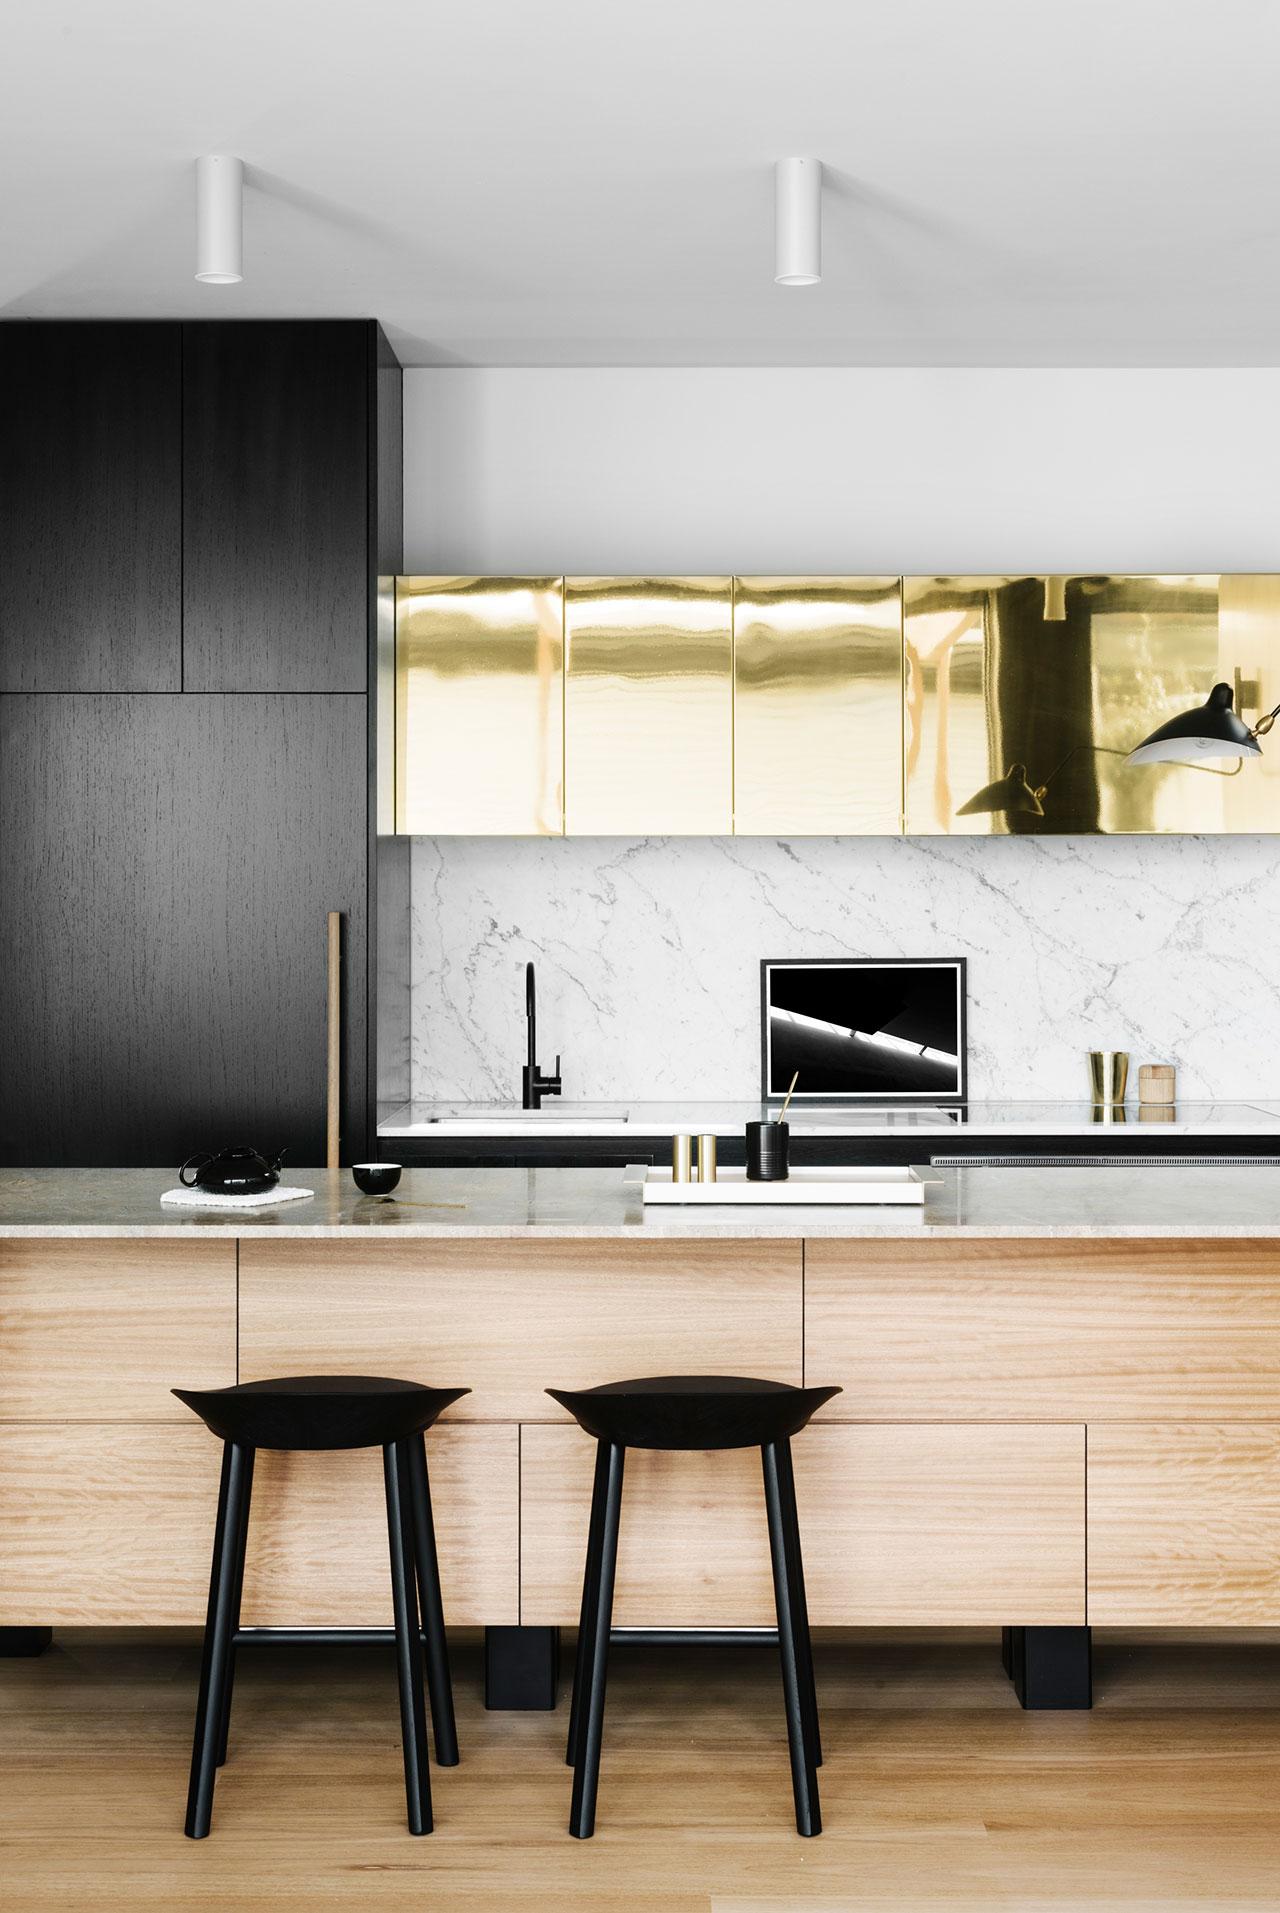 Кухонные современные шкафы - золотистый в интерьере